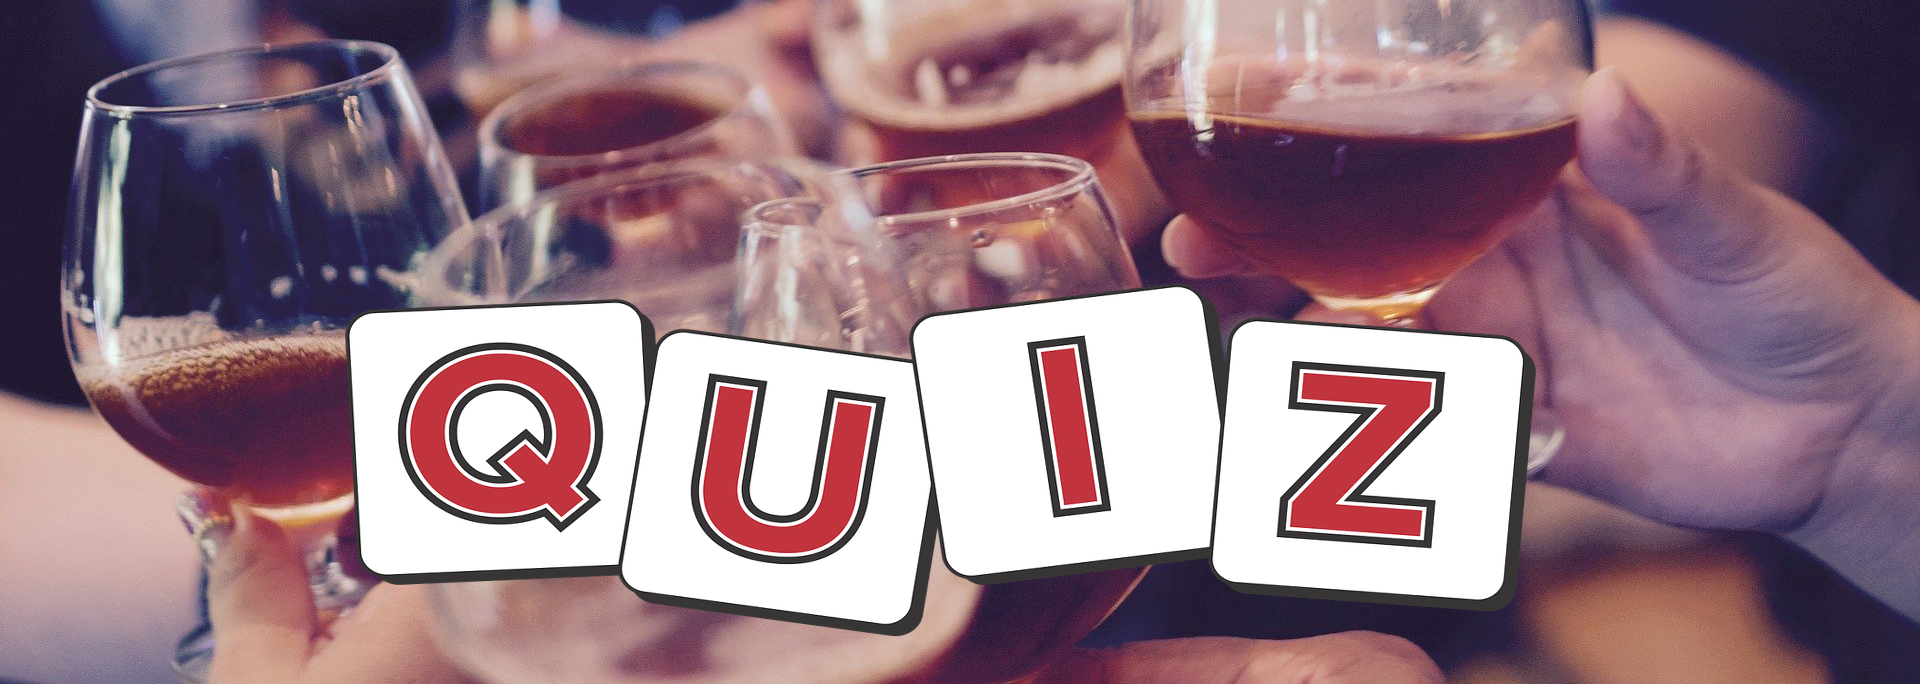 Pub-Quiz Runde zwei